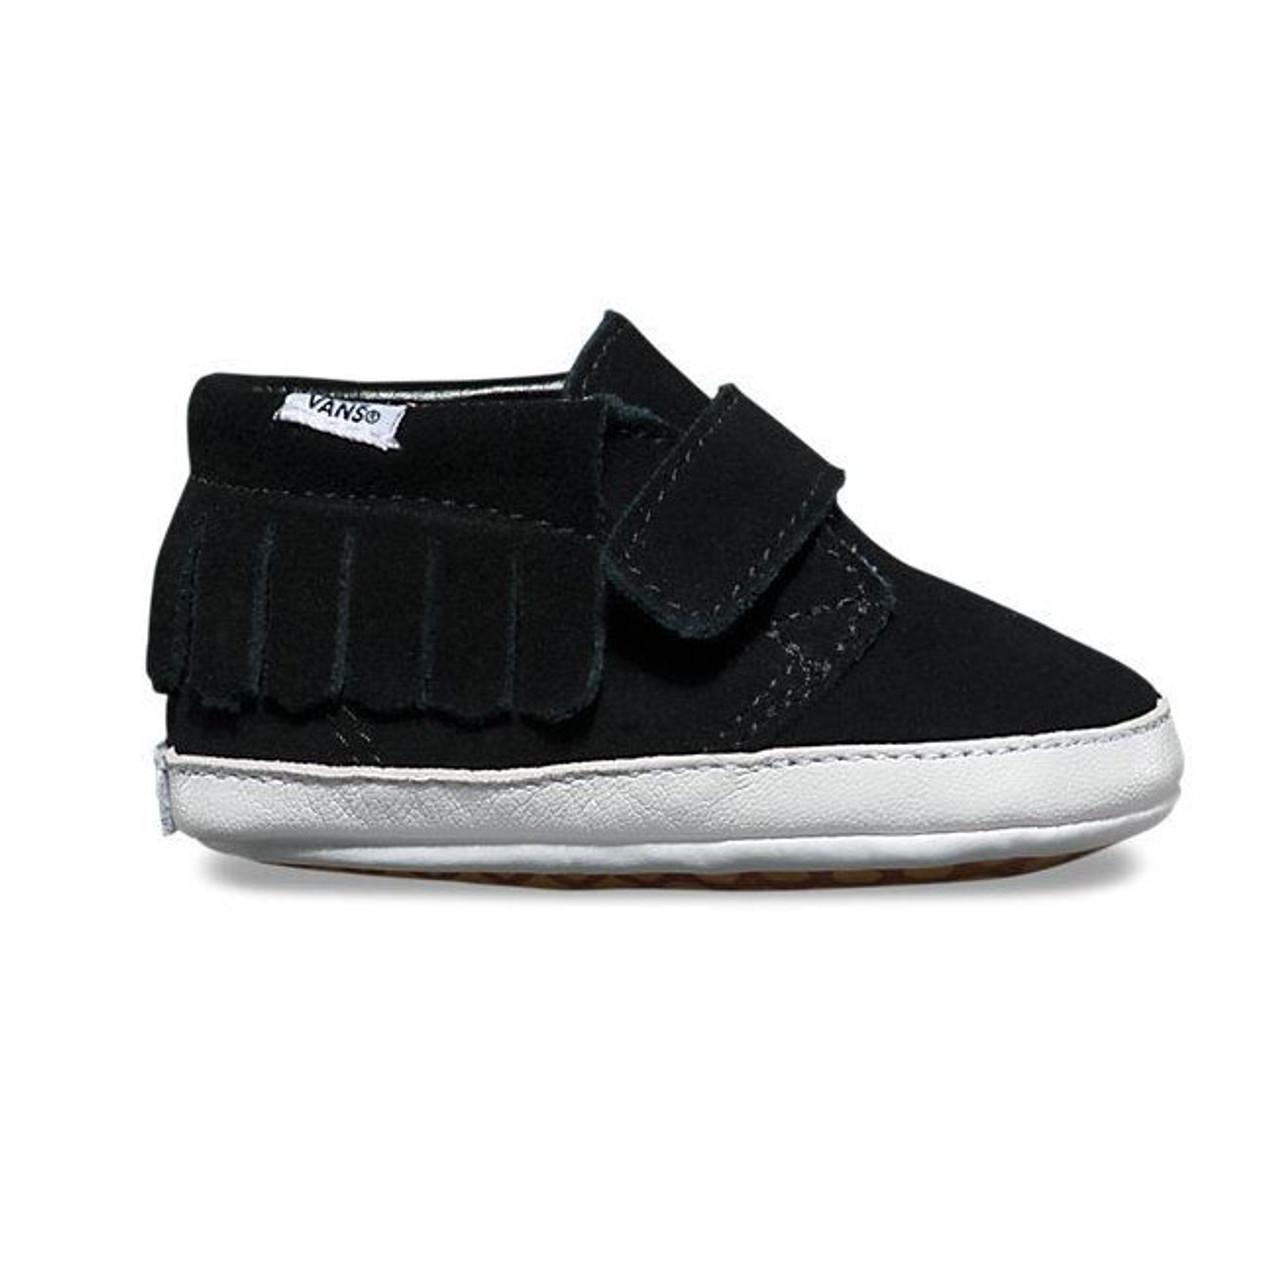 d462cf72264 Vans Baby Infant Suede Chukka V Moc Black Shoes